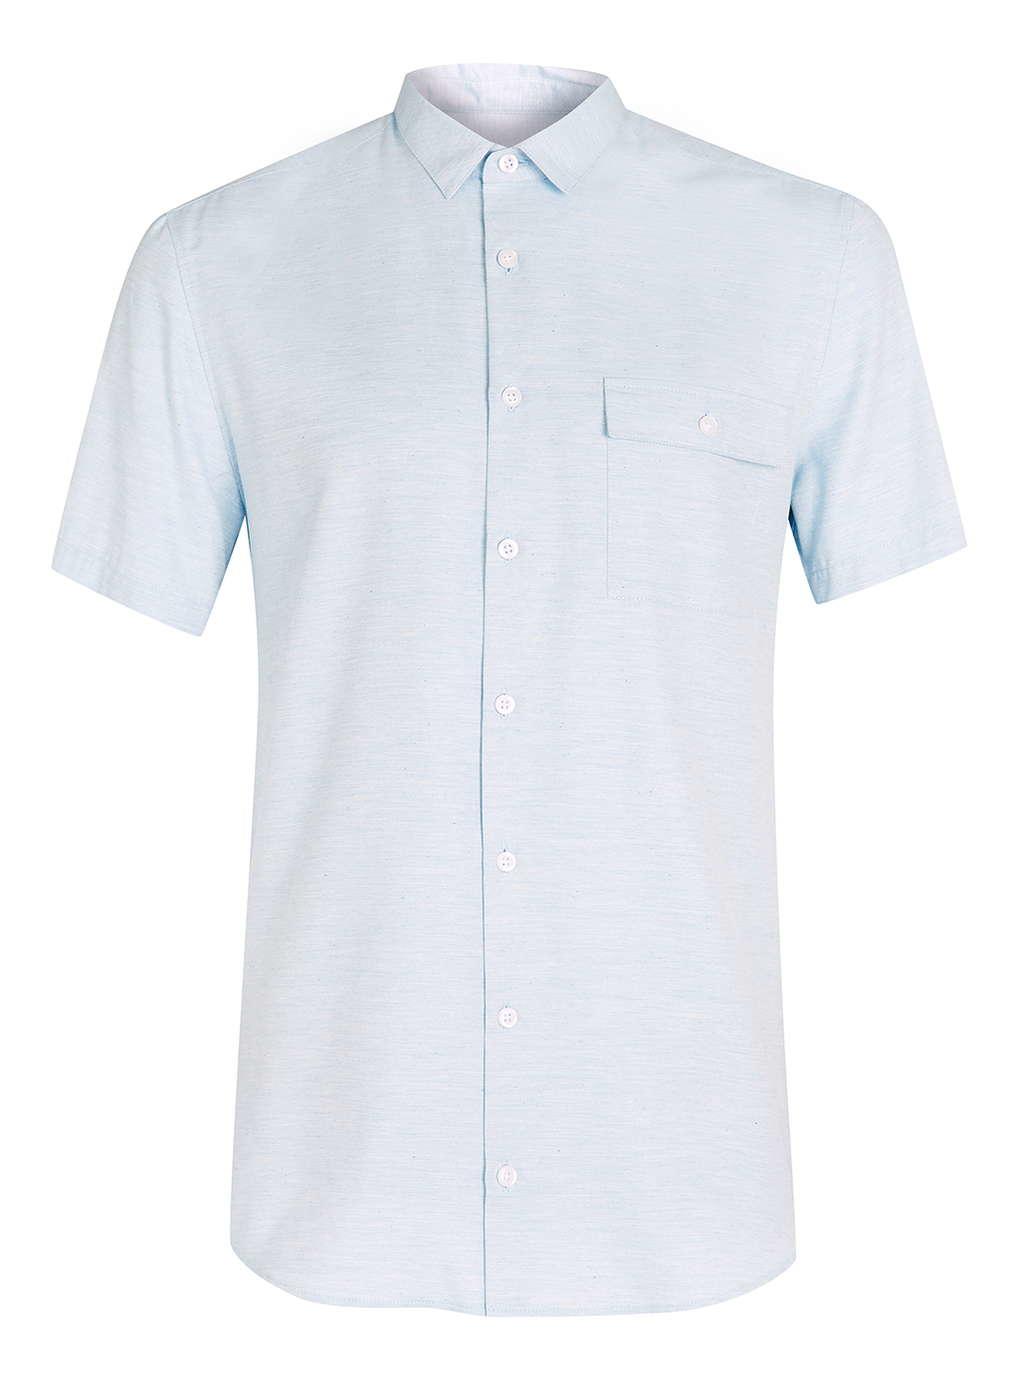 Topman light blue melange short sleeve casual shirt in for Light blue short sleeve shirt mens